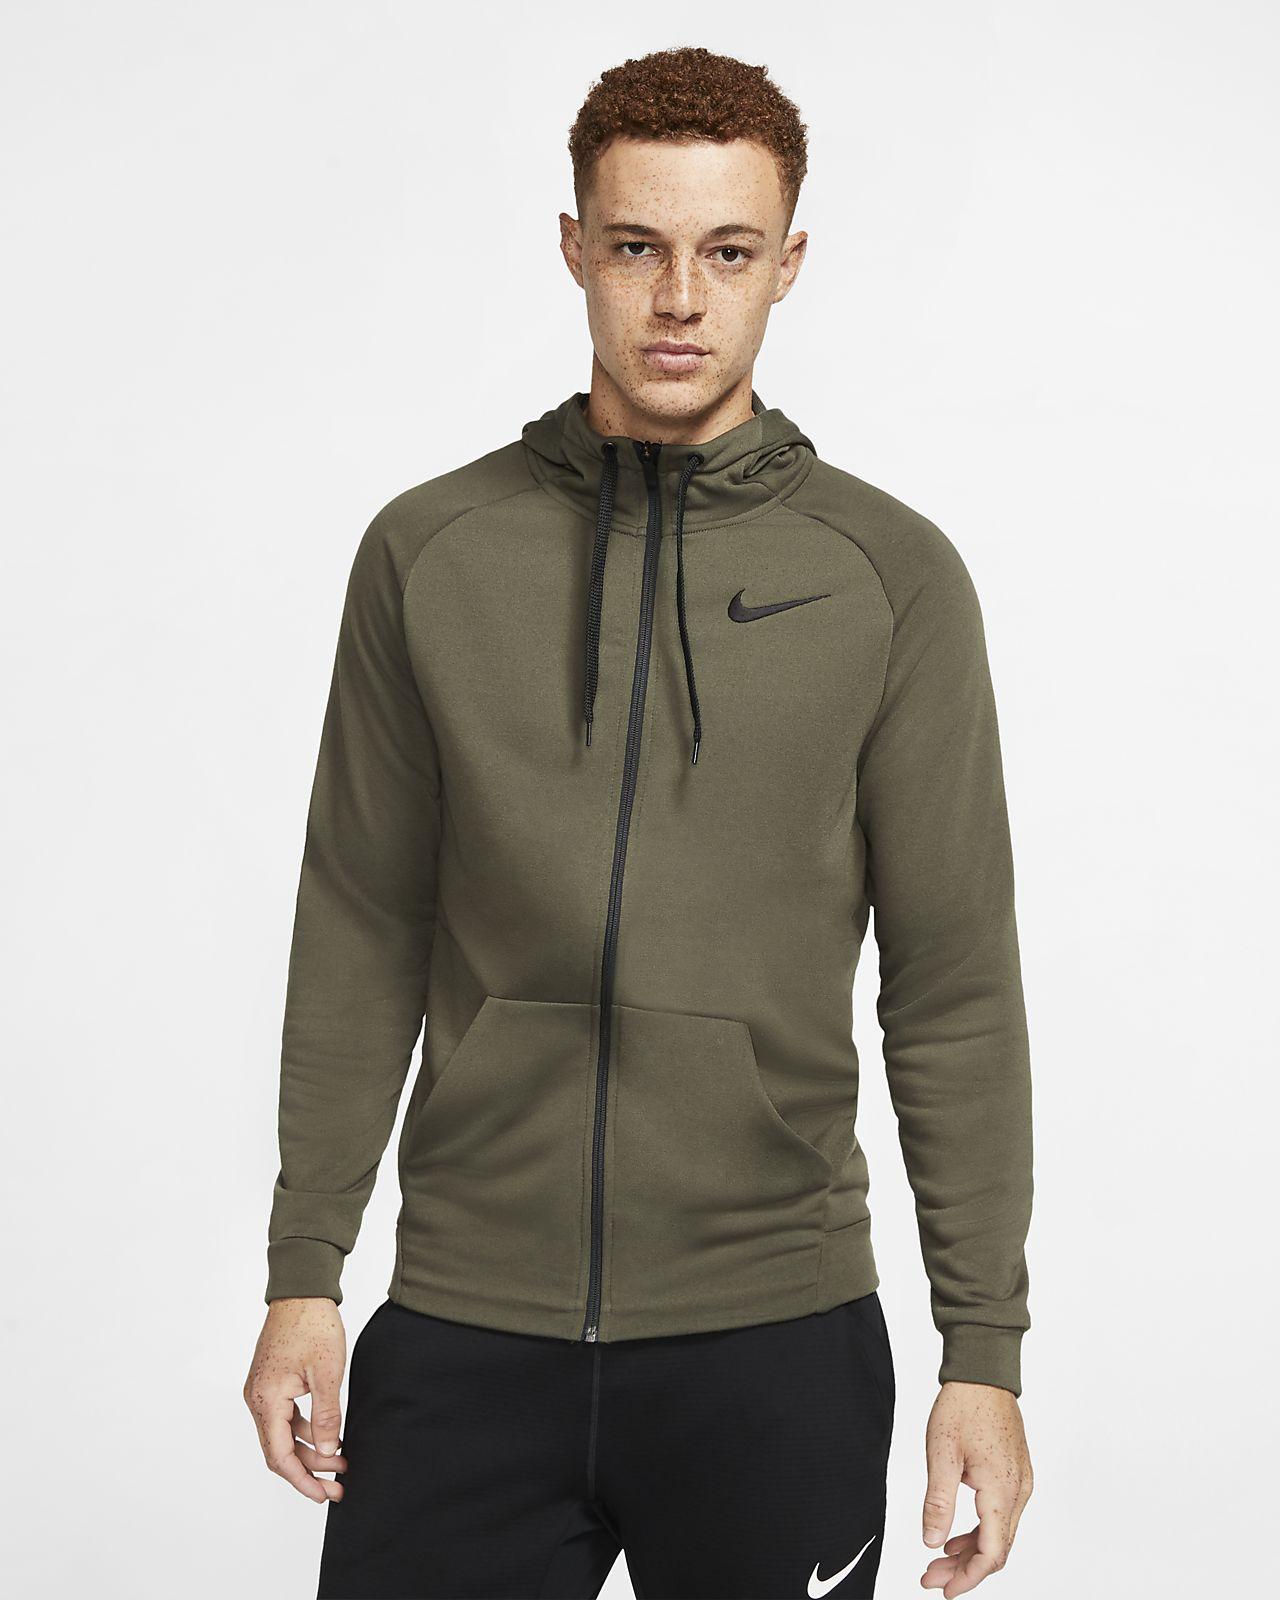 Nike Dri FIT Trainings Hoodie mit durchgehendem Reißverschluss für Herren